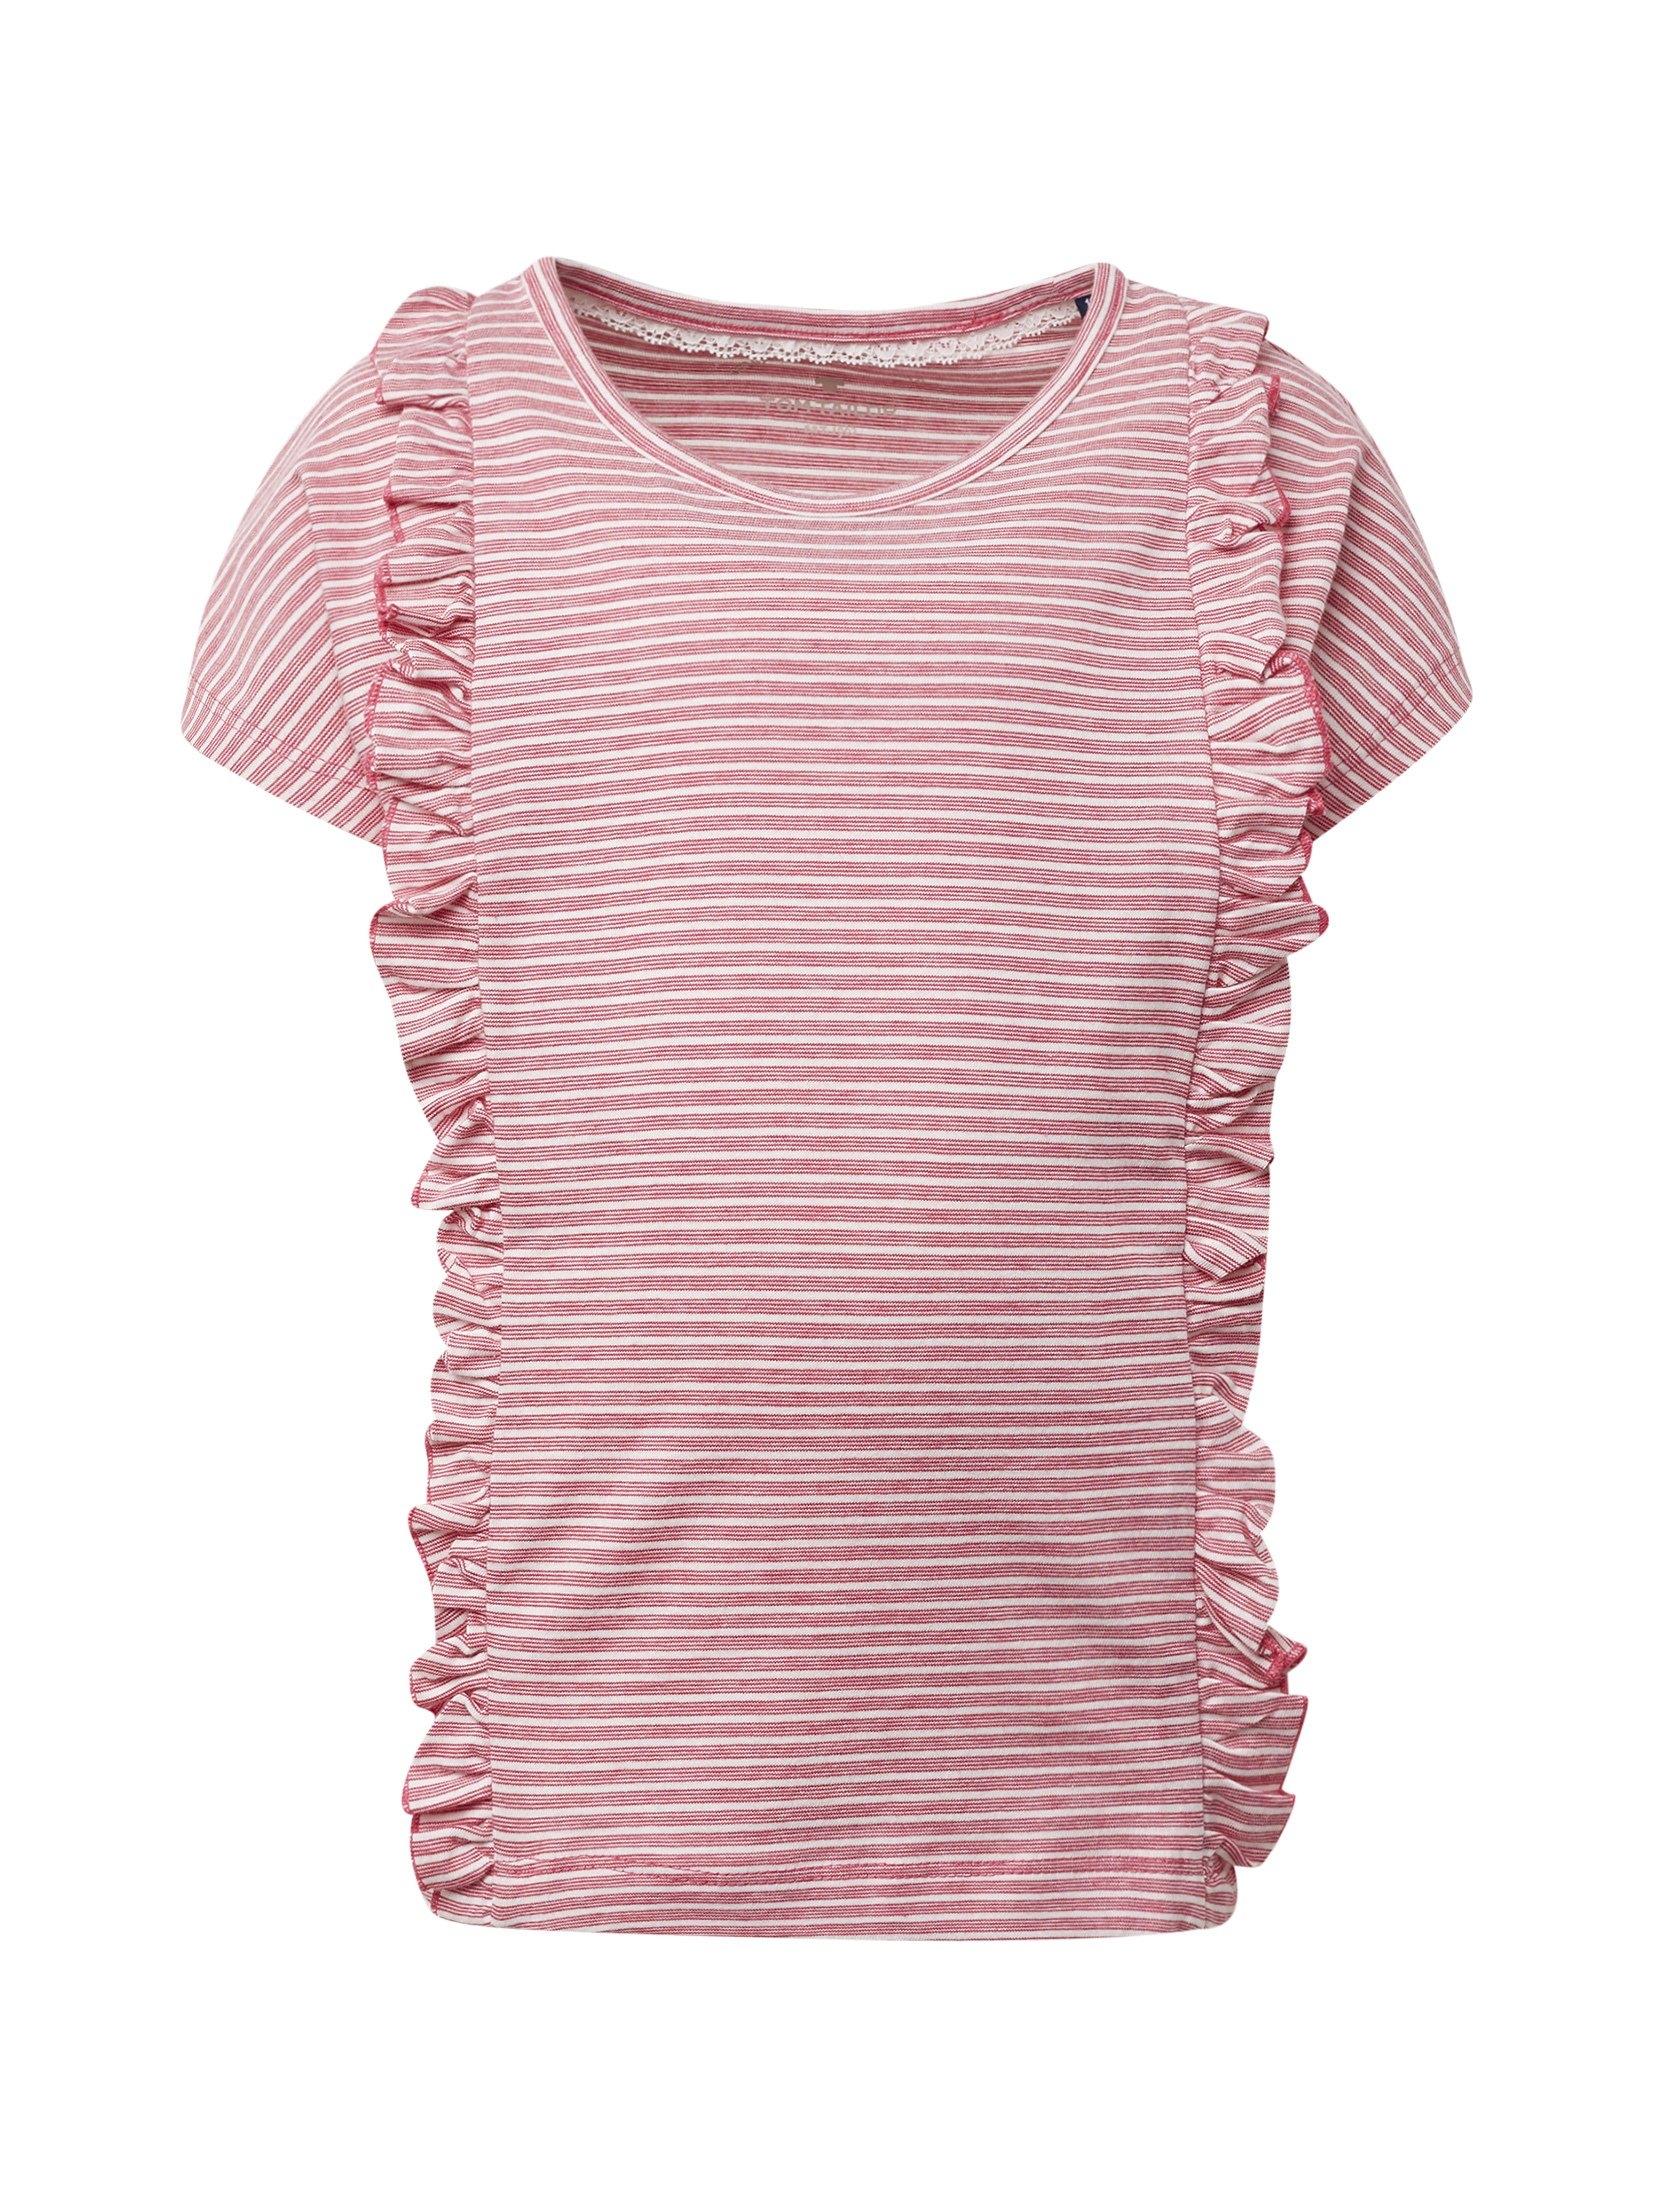 TOM TAILOR shirt met korte mouwen »Gestreept shirt met ruchedetails« in de webshop van OTTO kopen